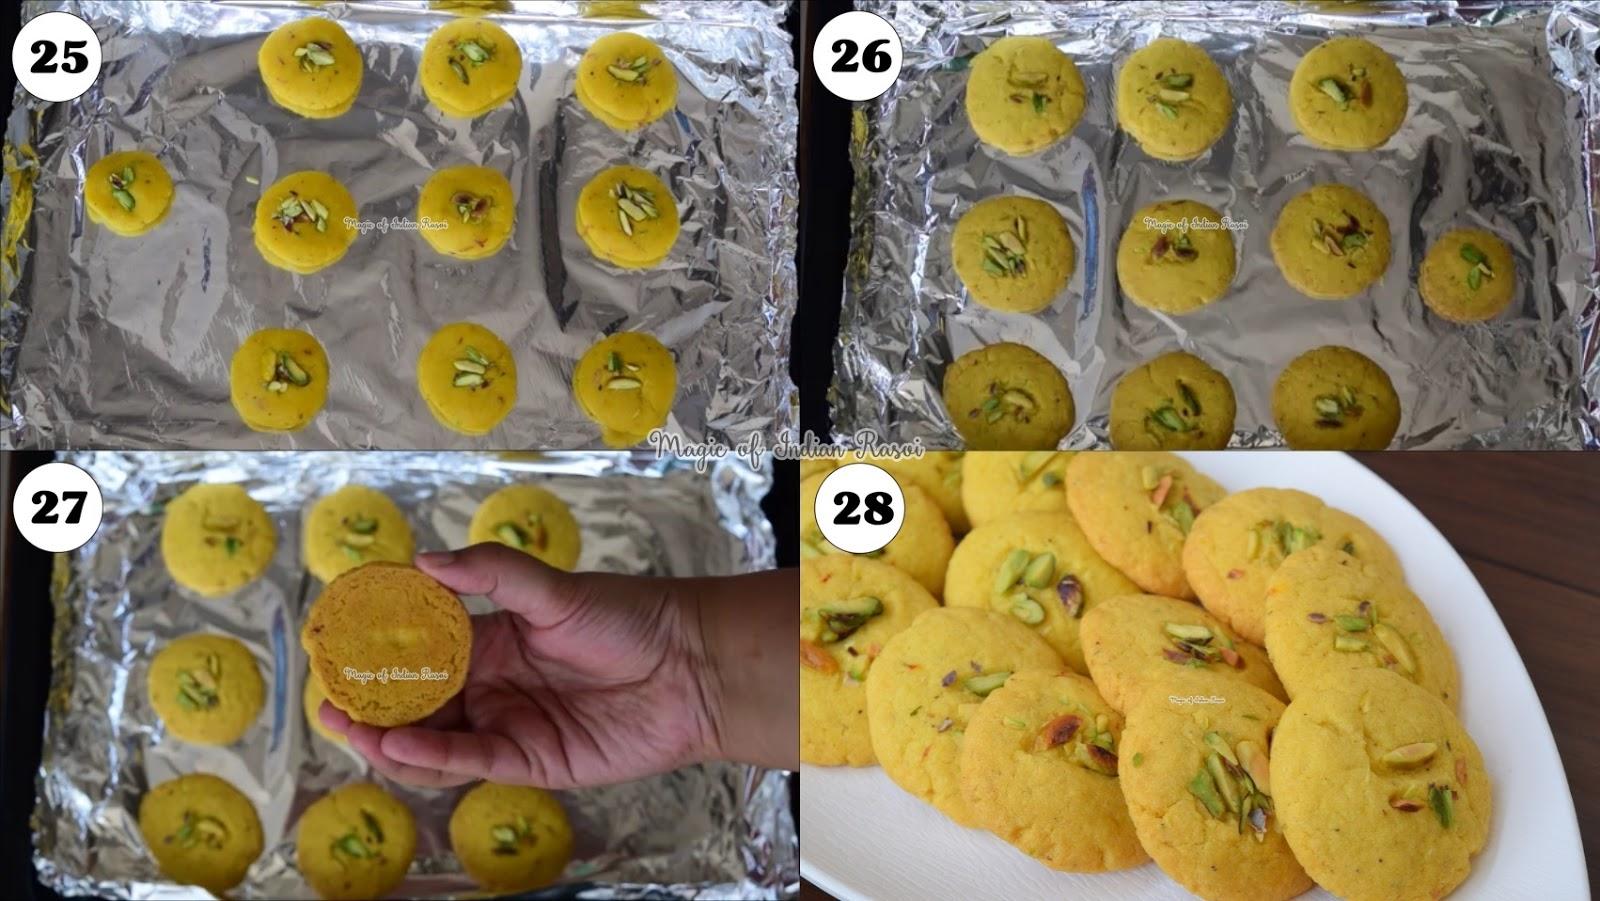 Kesar Pista Nankhatai in Kadai & in Oven Recipe - Bakery style Nan Khatai - Eggless Cookies -  केसर पिस्ता नानखटाई बिना ओवन - बेकरी स्टाइल नानकटाई - एगलेस कूकीज रेसिपी - Priya R - Magic of Indian Rasoi